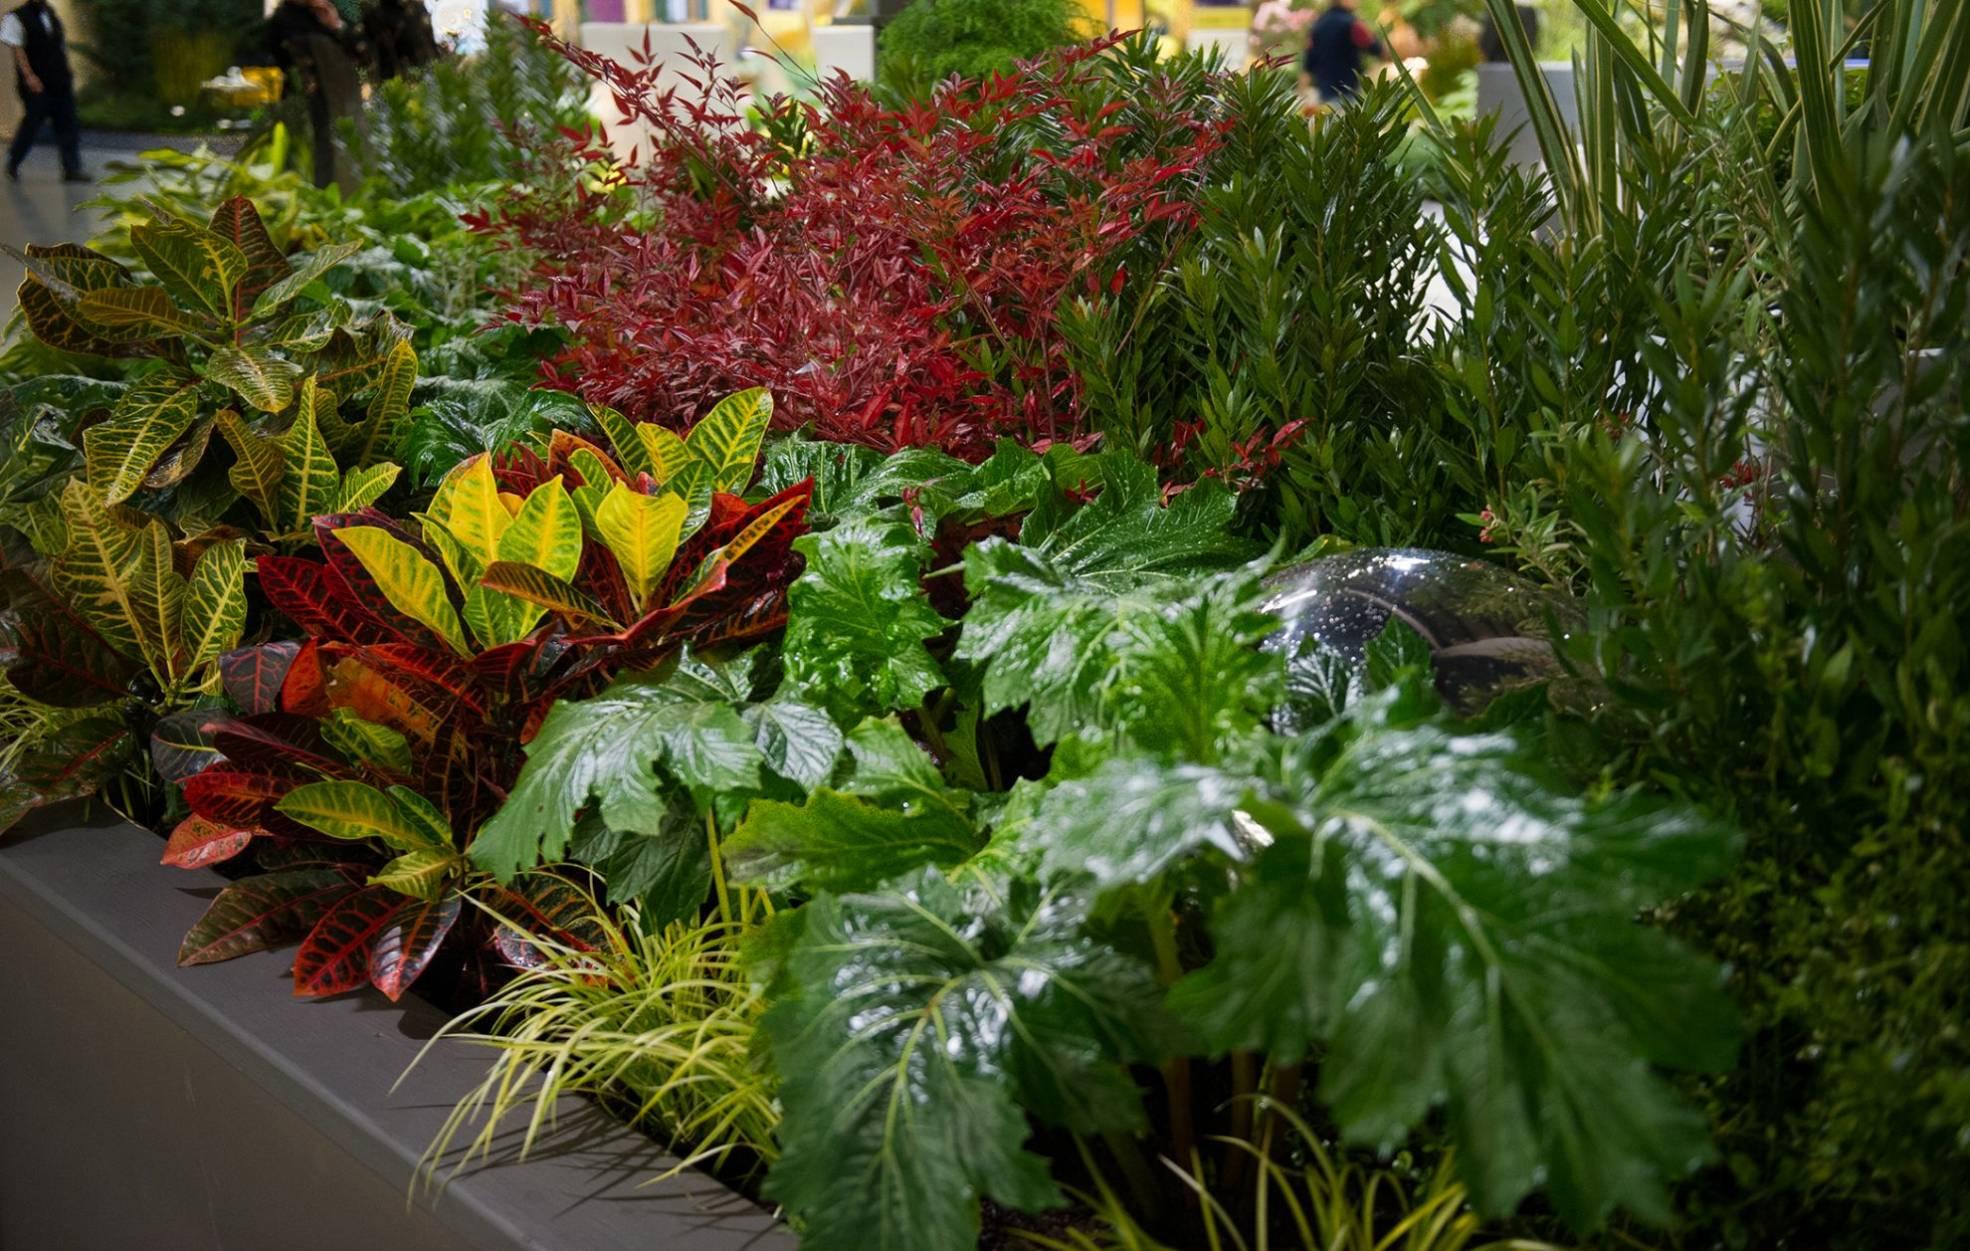 Northwest flower garden show 2013 living amongst the - Northwest flower and garden show ...